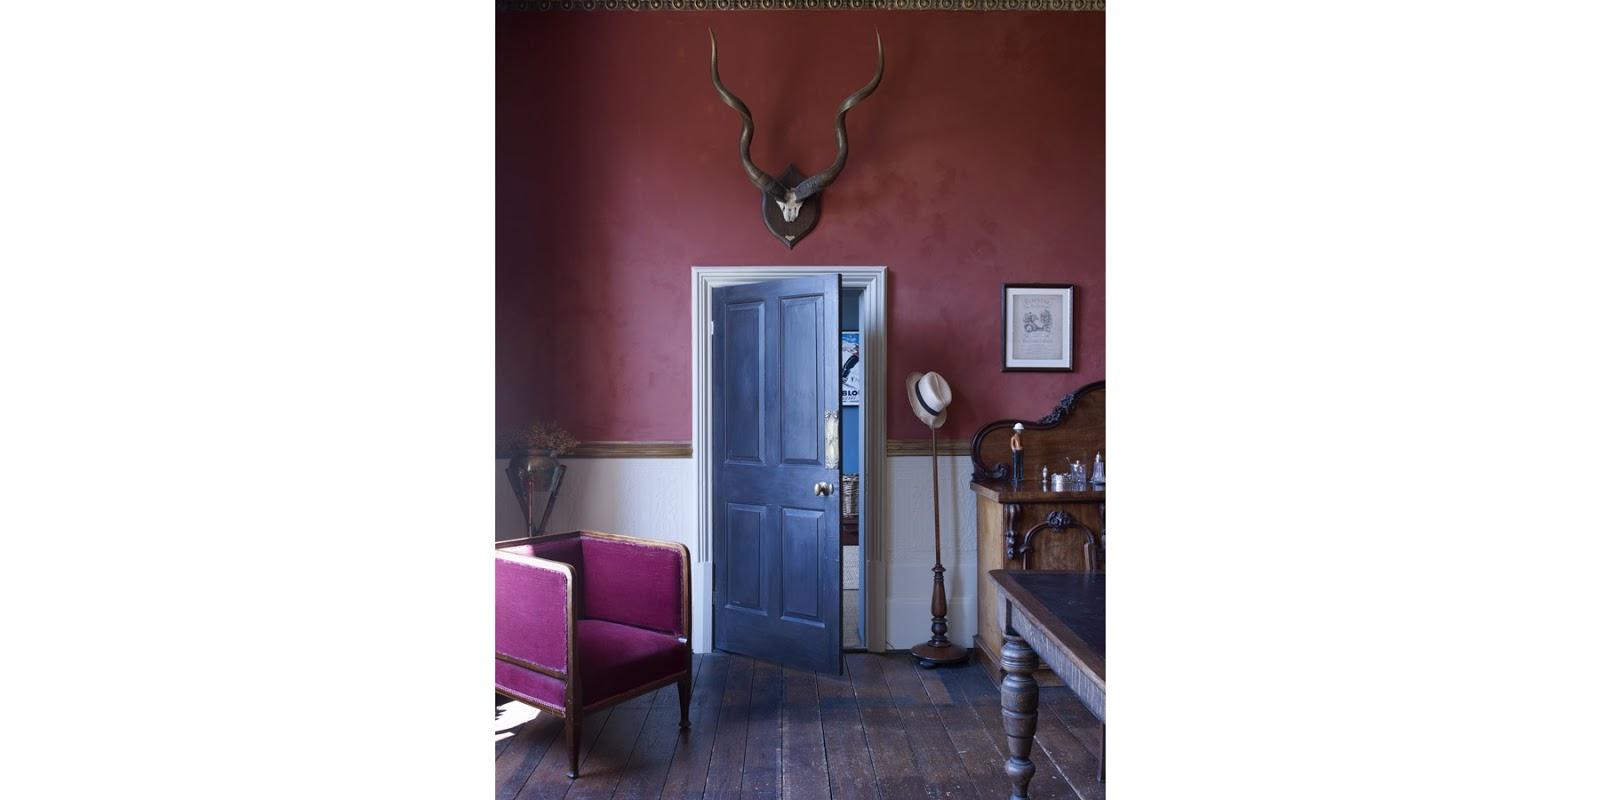 Lindo Designs Zara Home Collection Interior Design